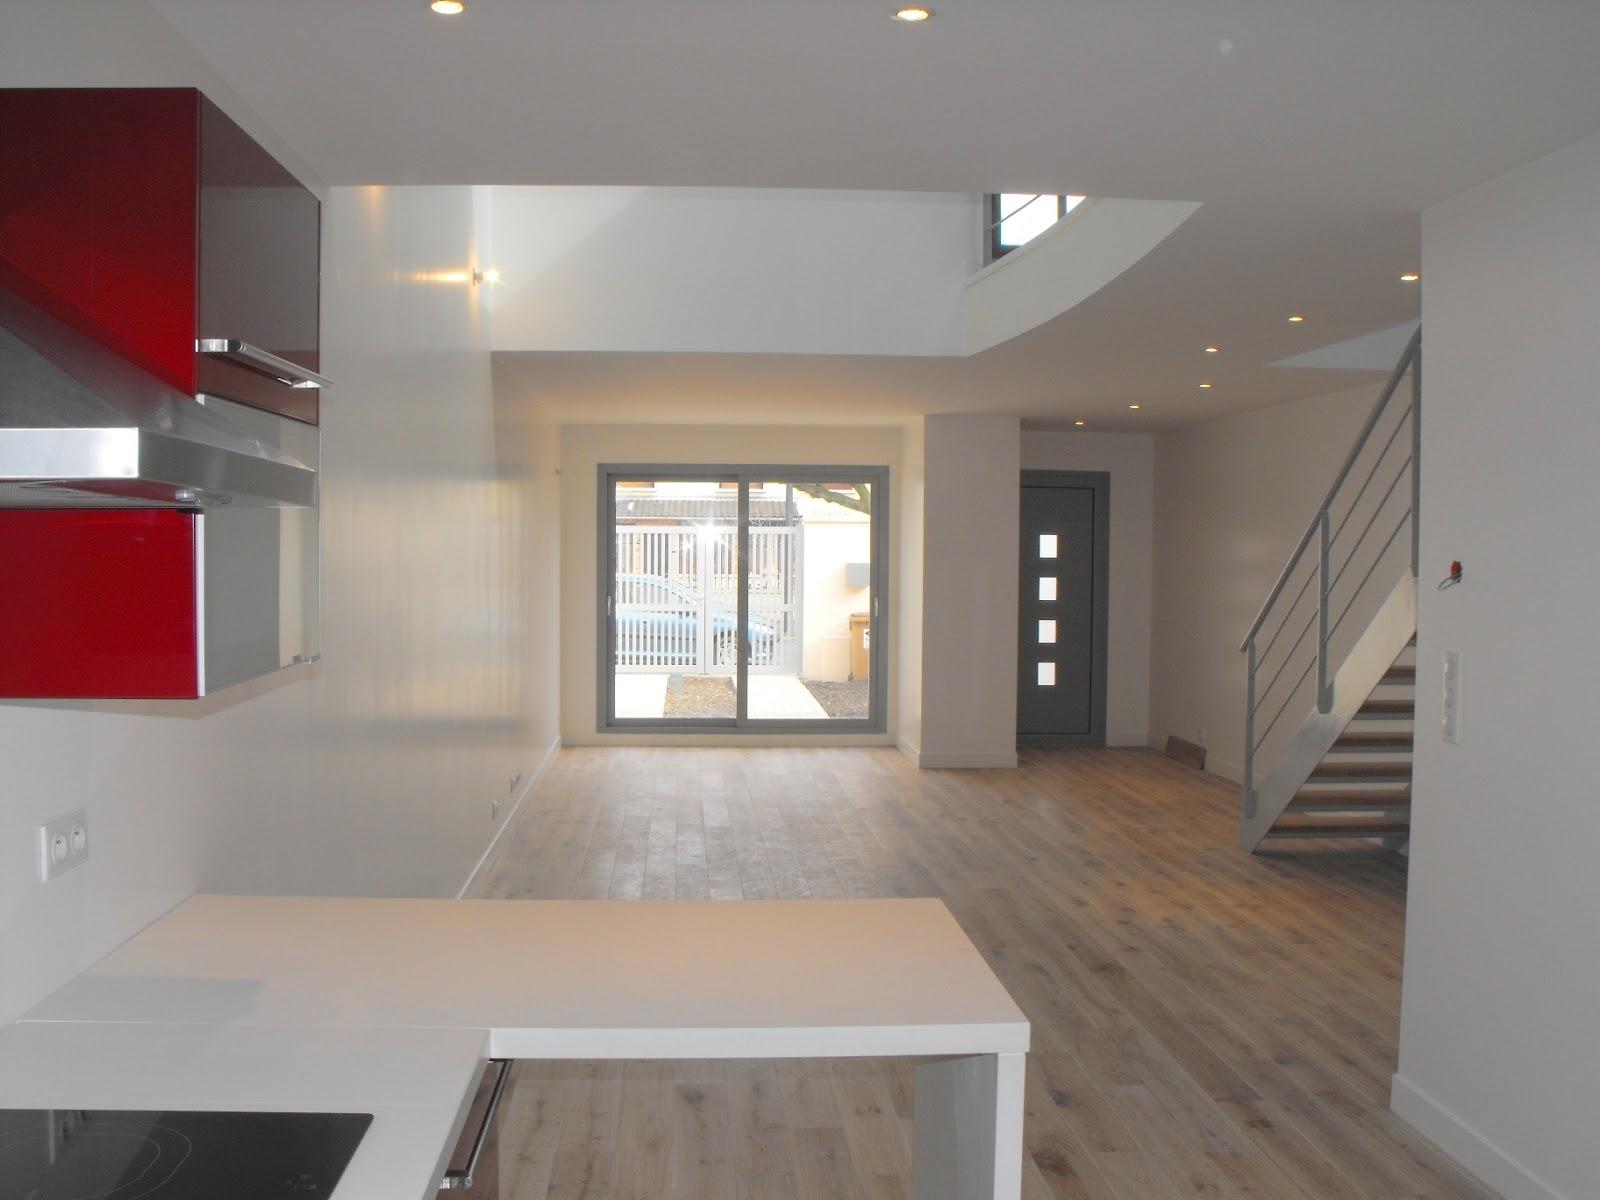 Vente d 39 une maison type loft montreuil for Parquet salon cuisine